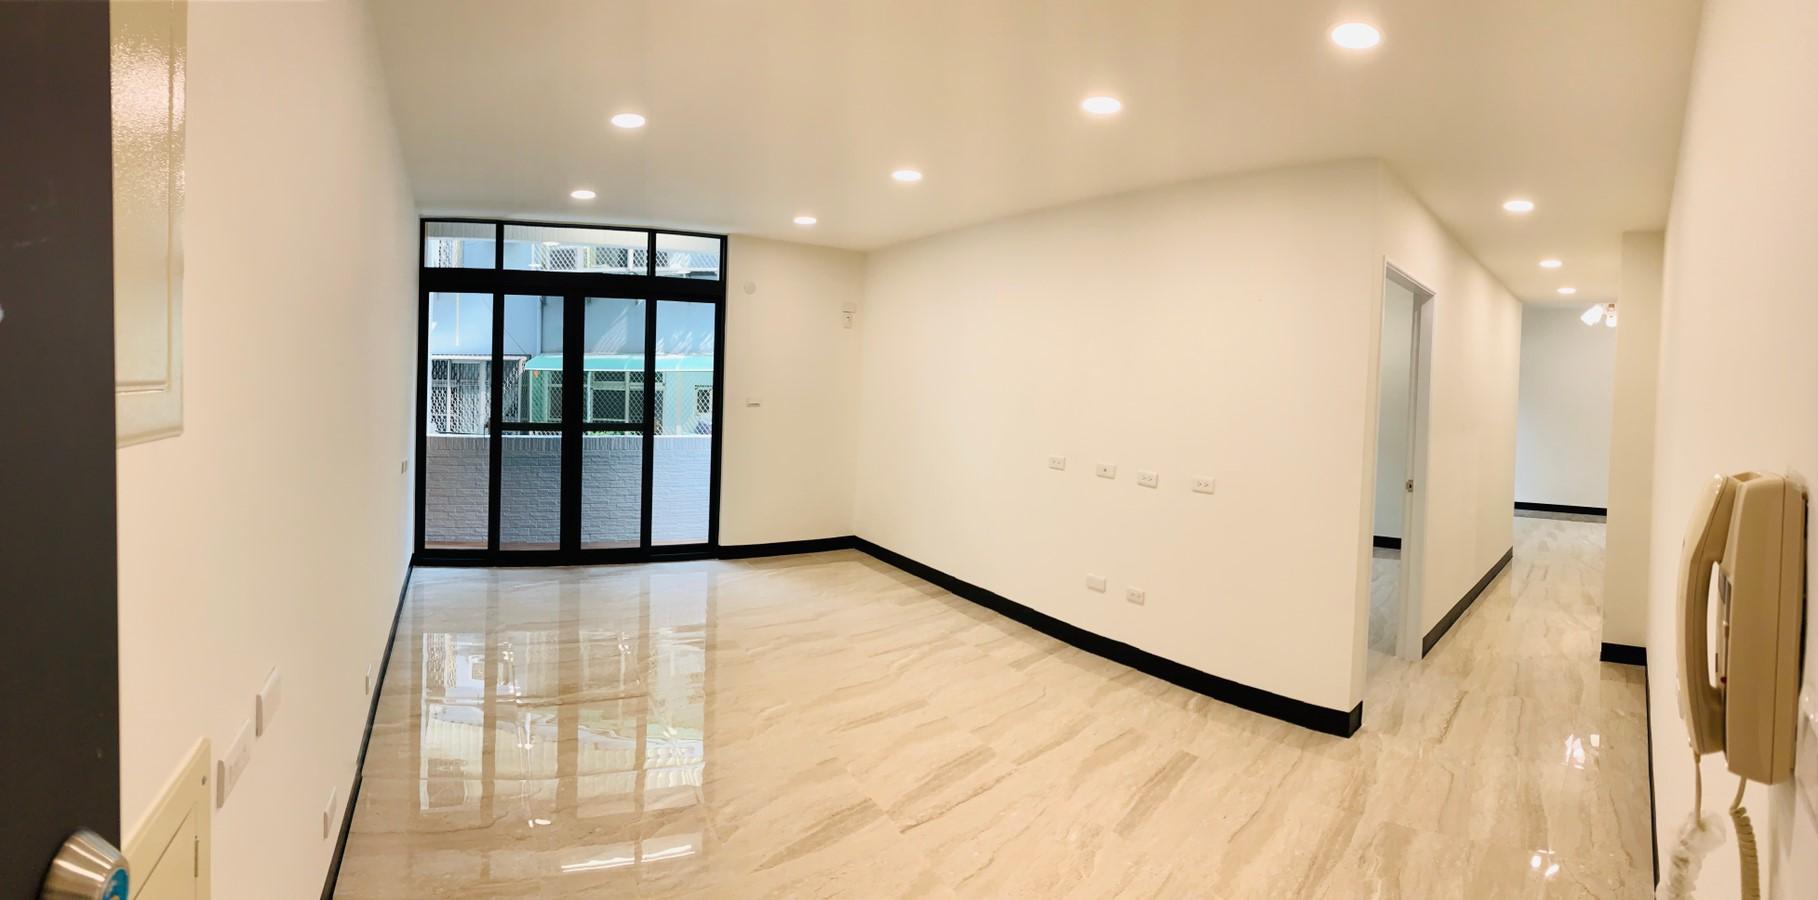 高應大二樓翻新寓